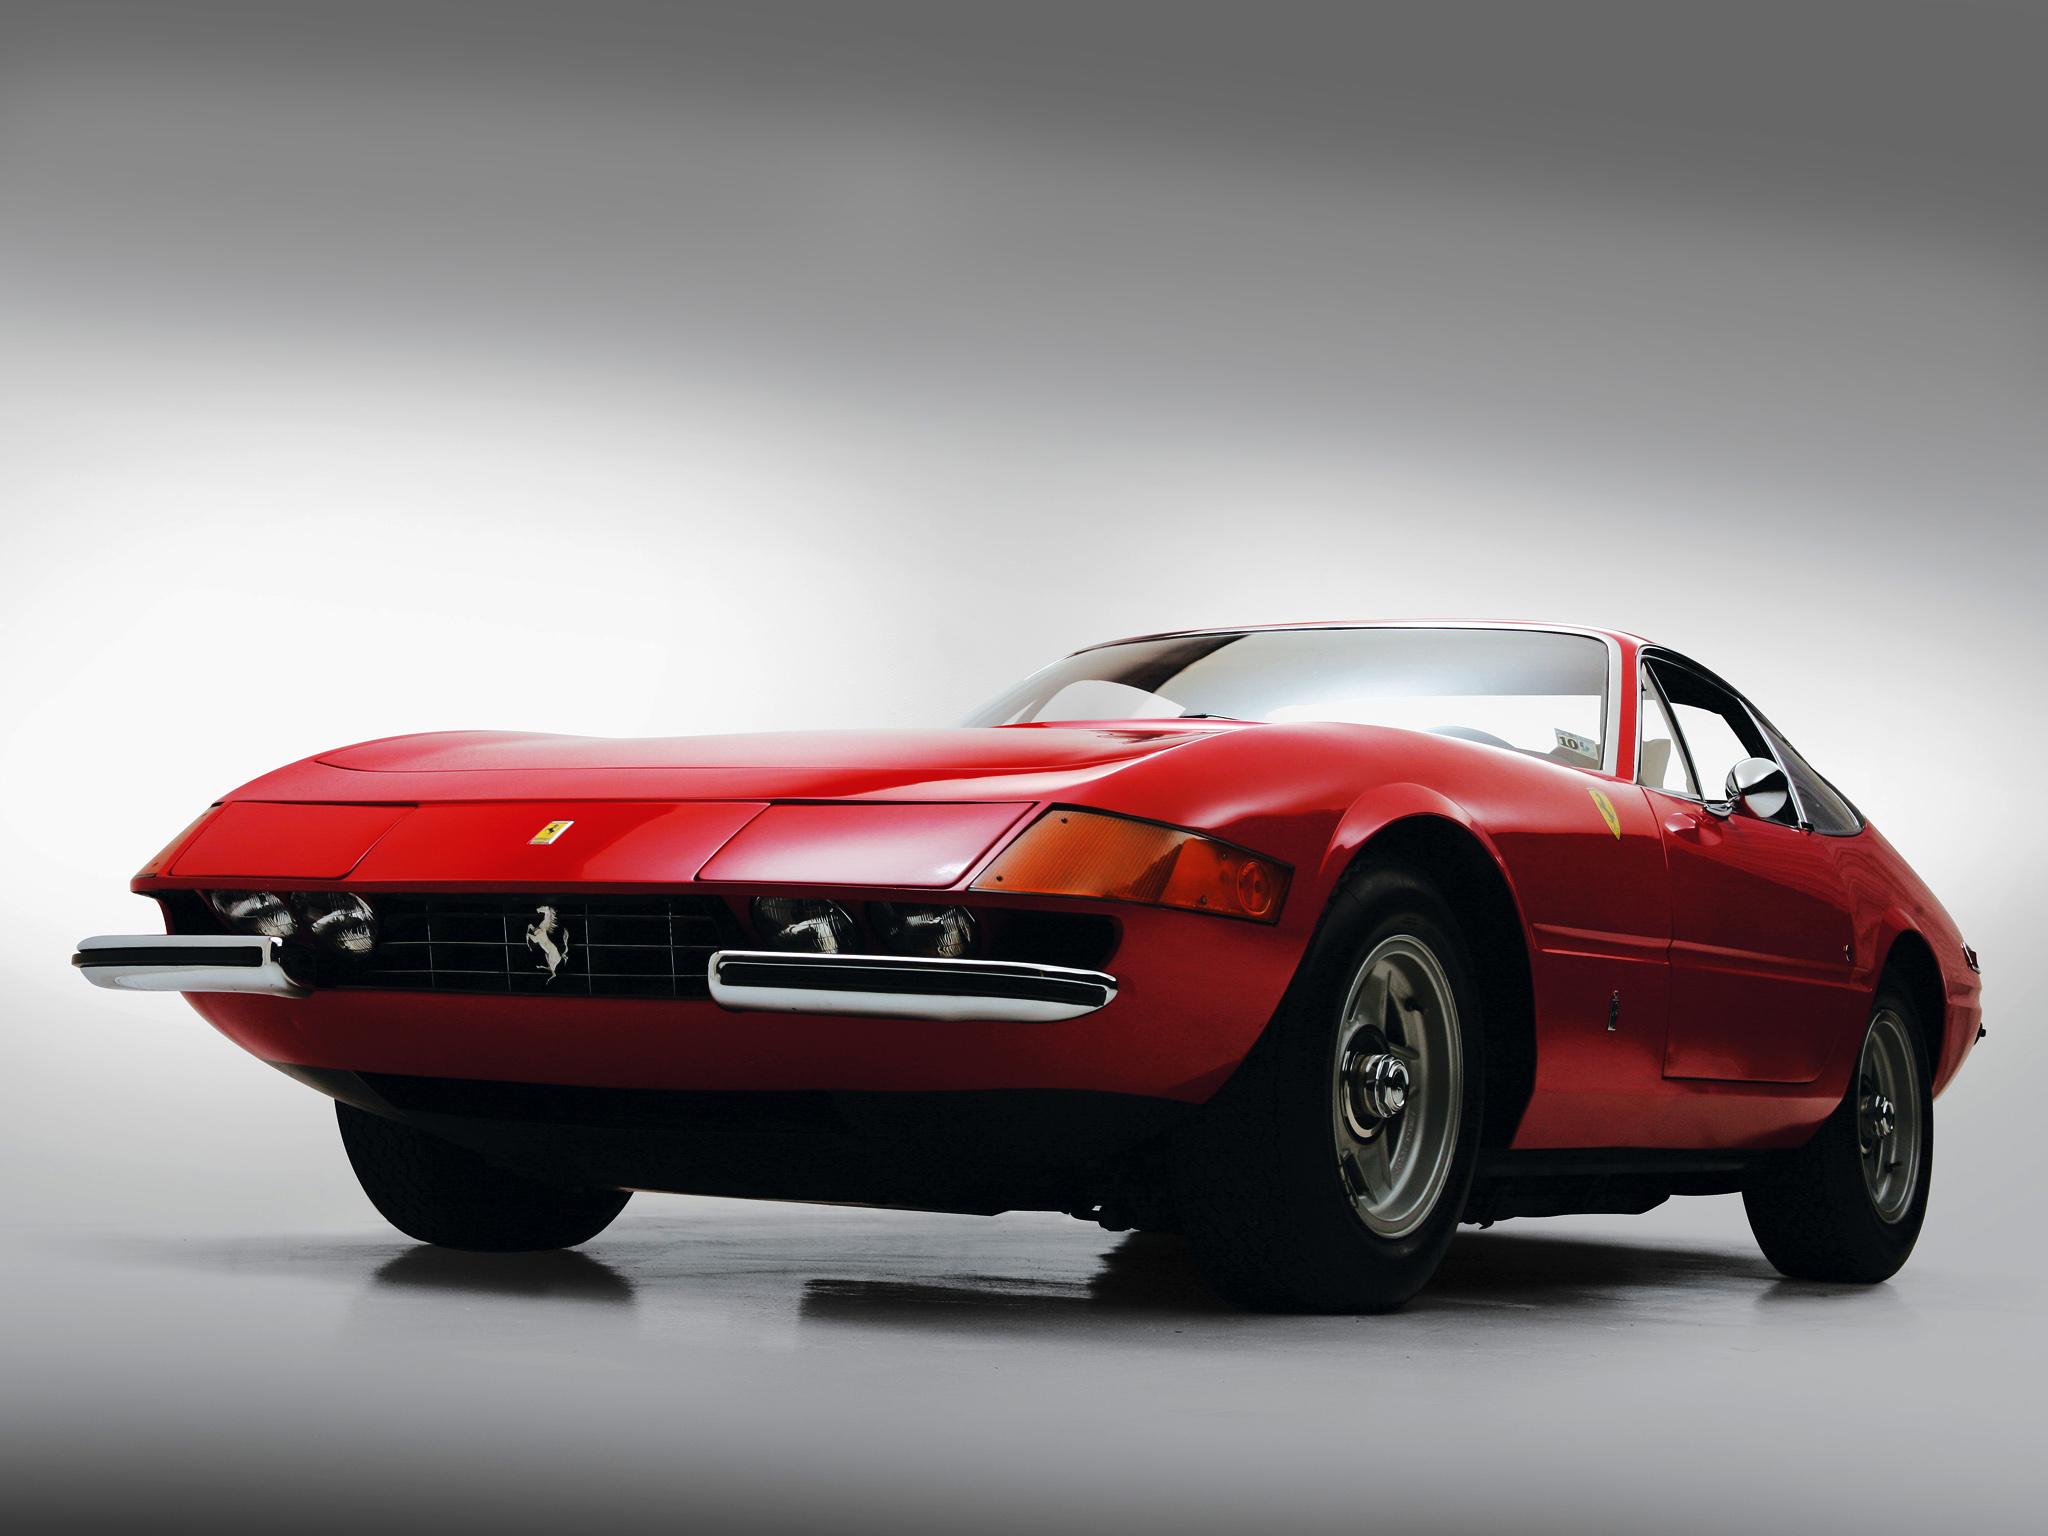 Car Wallpaper >> 1971 Ferrari 365 GTB-4 Daytona US-spec supercar supercars g wallpaper | 2048x1536 | 134862 ...